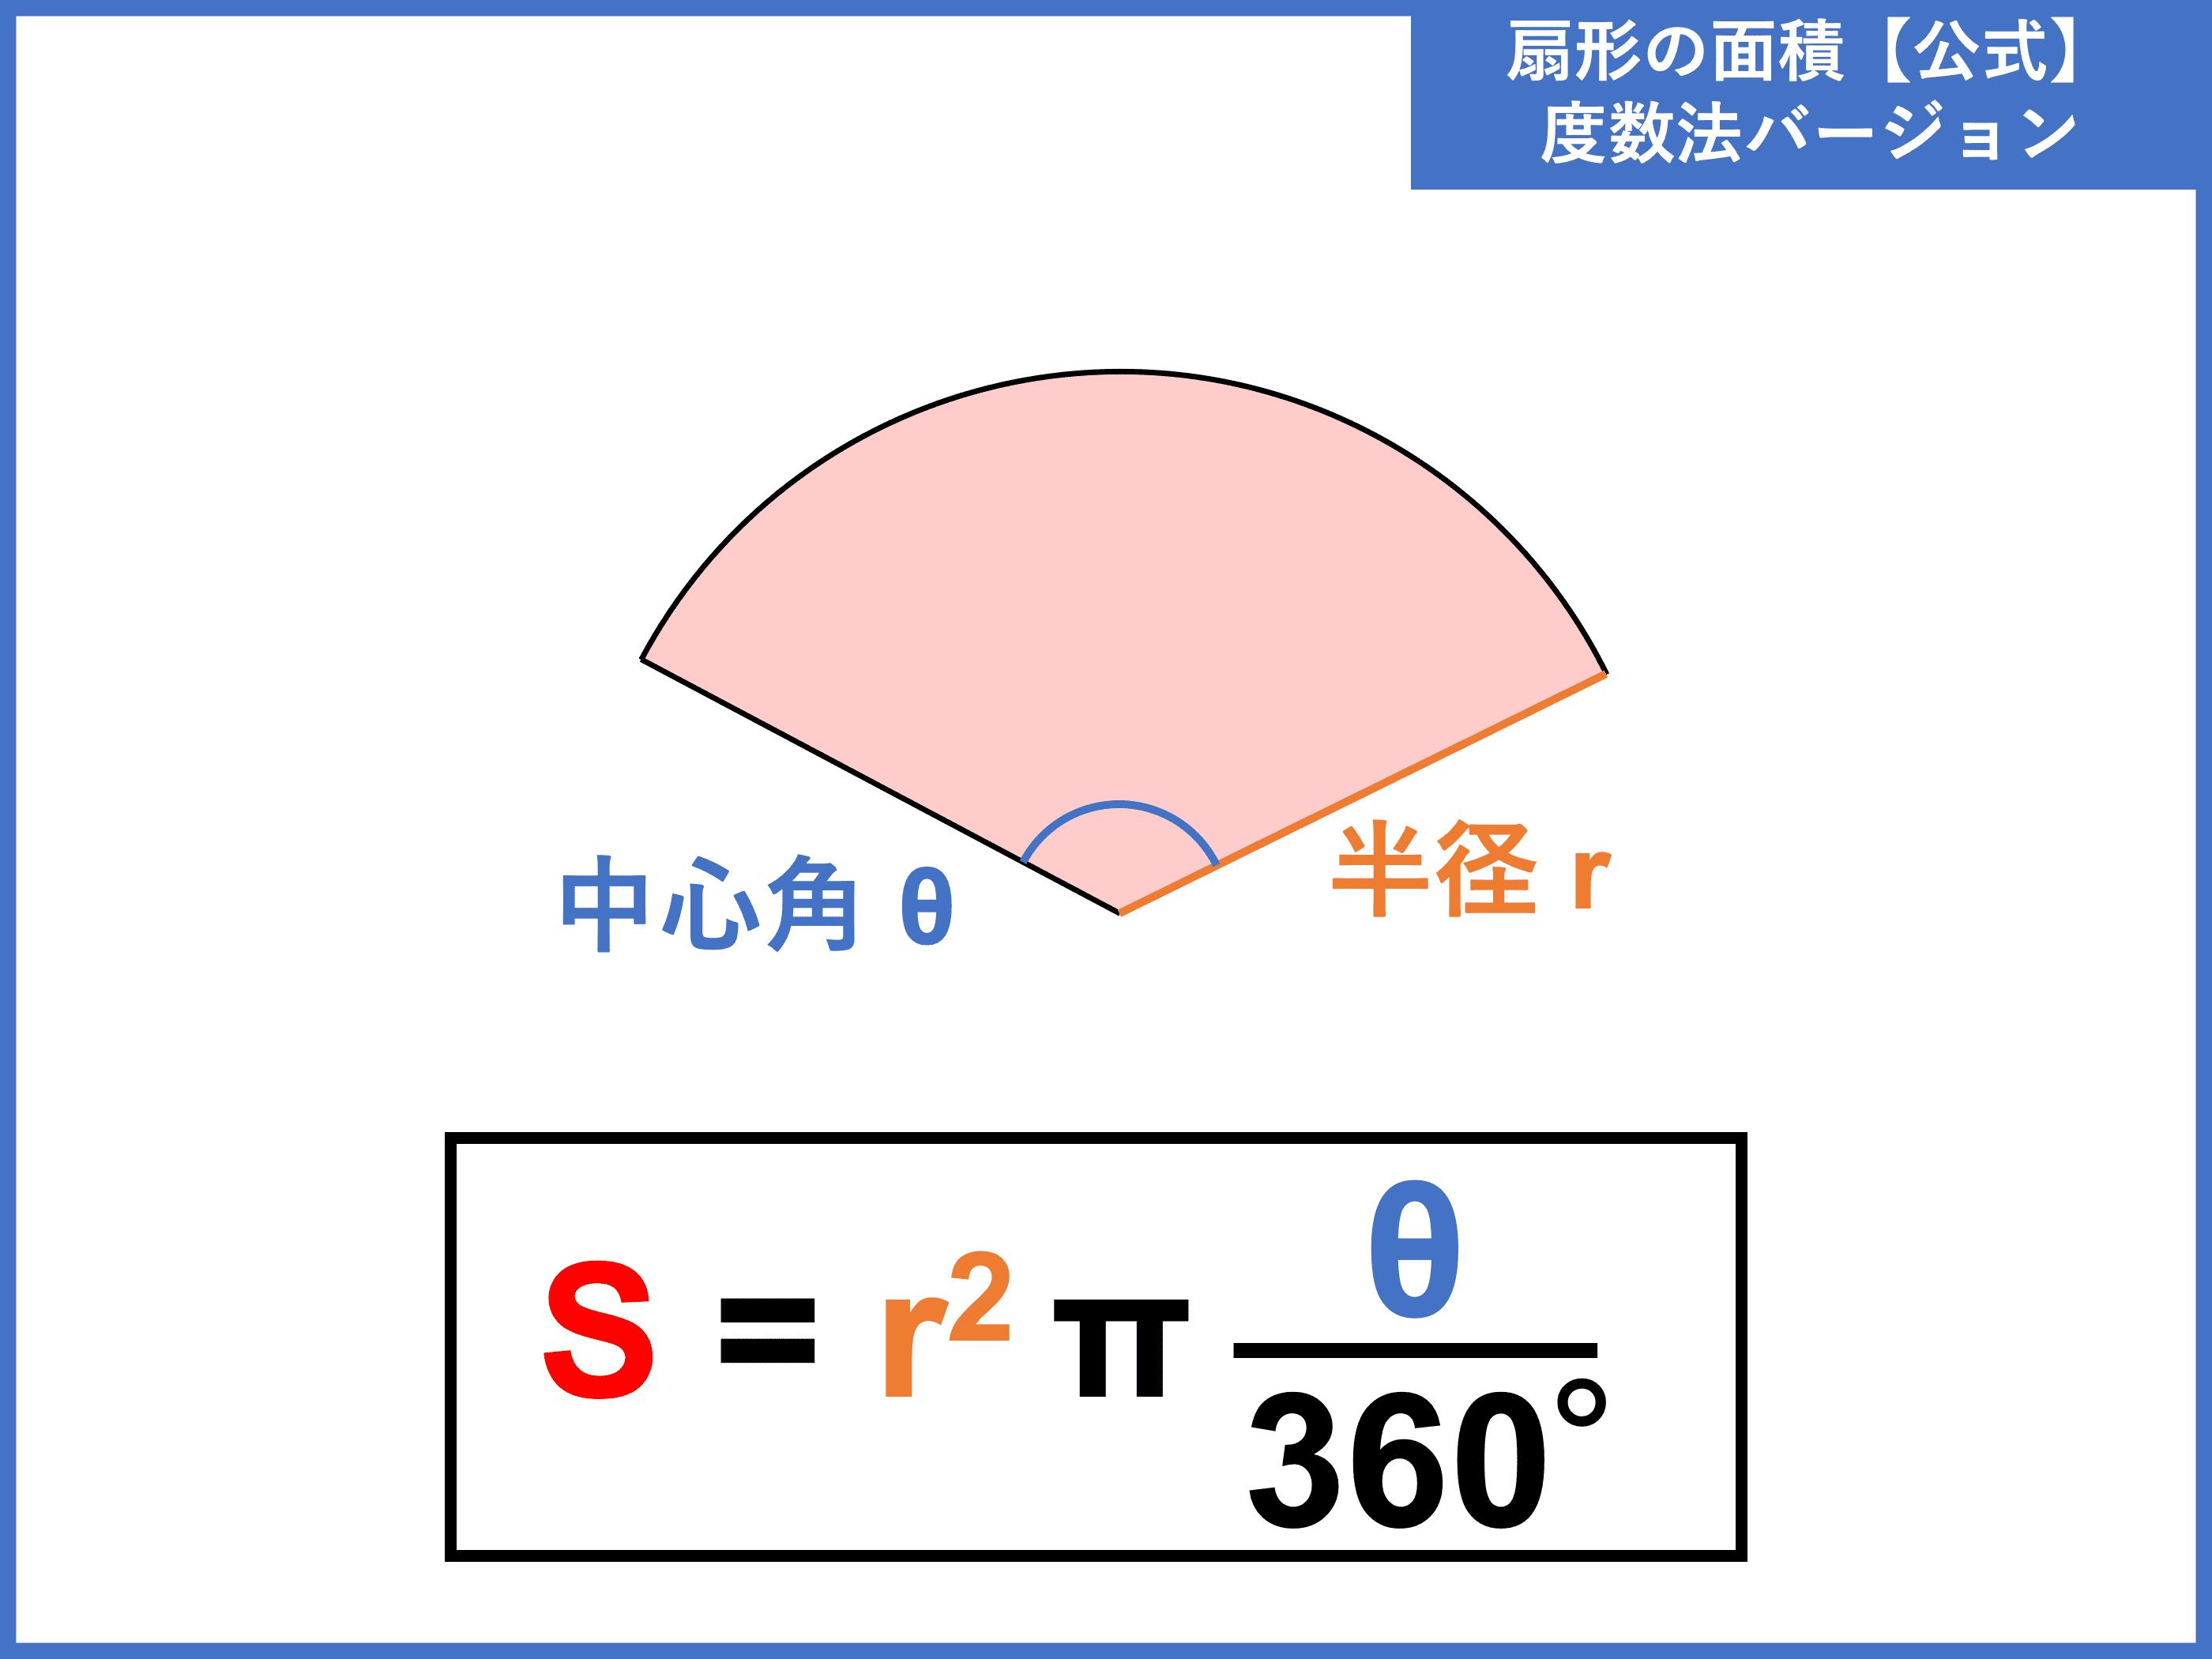 弧 の 長 さ の 求め 方 扇形とは?面積・中心角・半径・弧の長さの公式と求め方